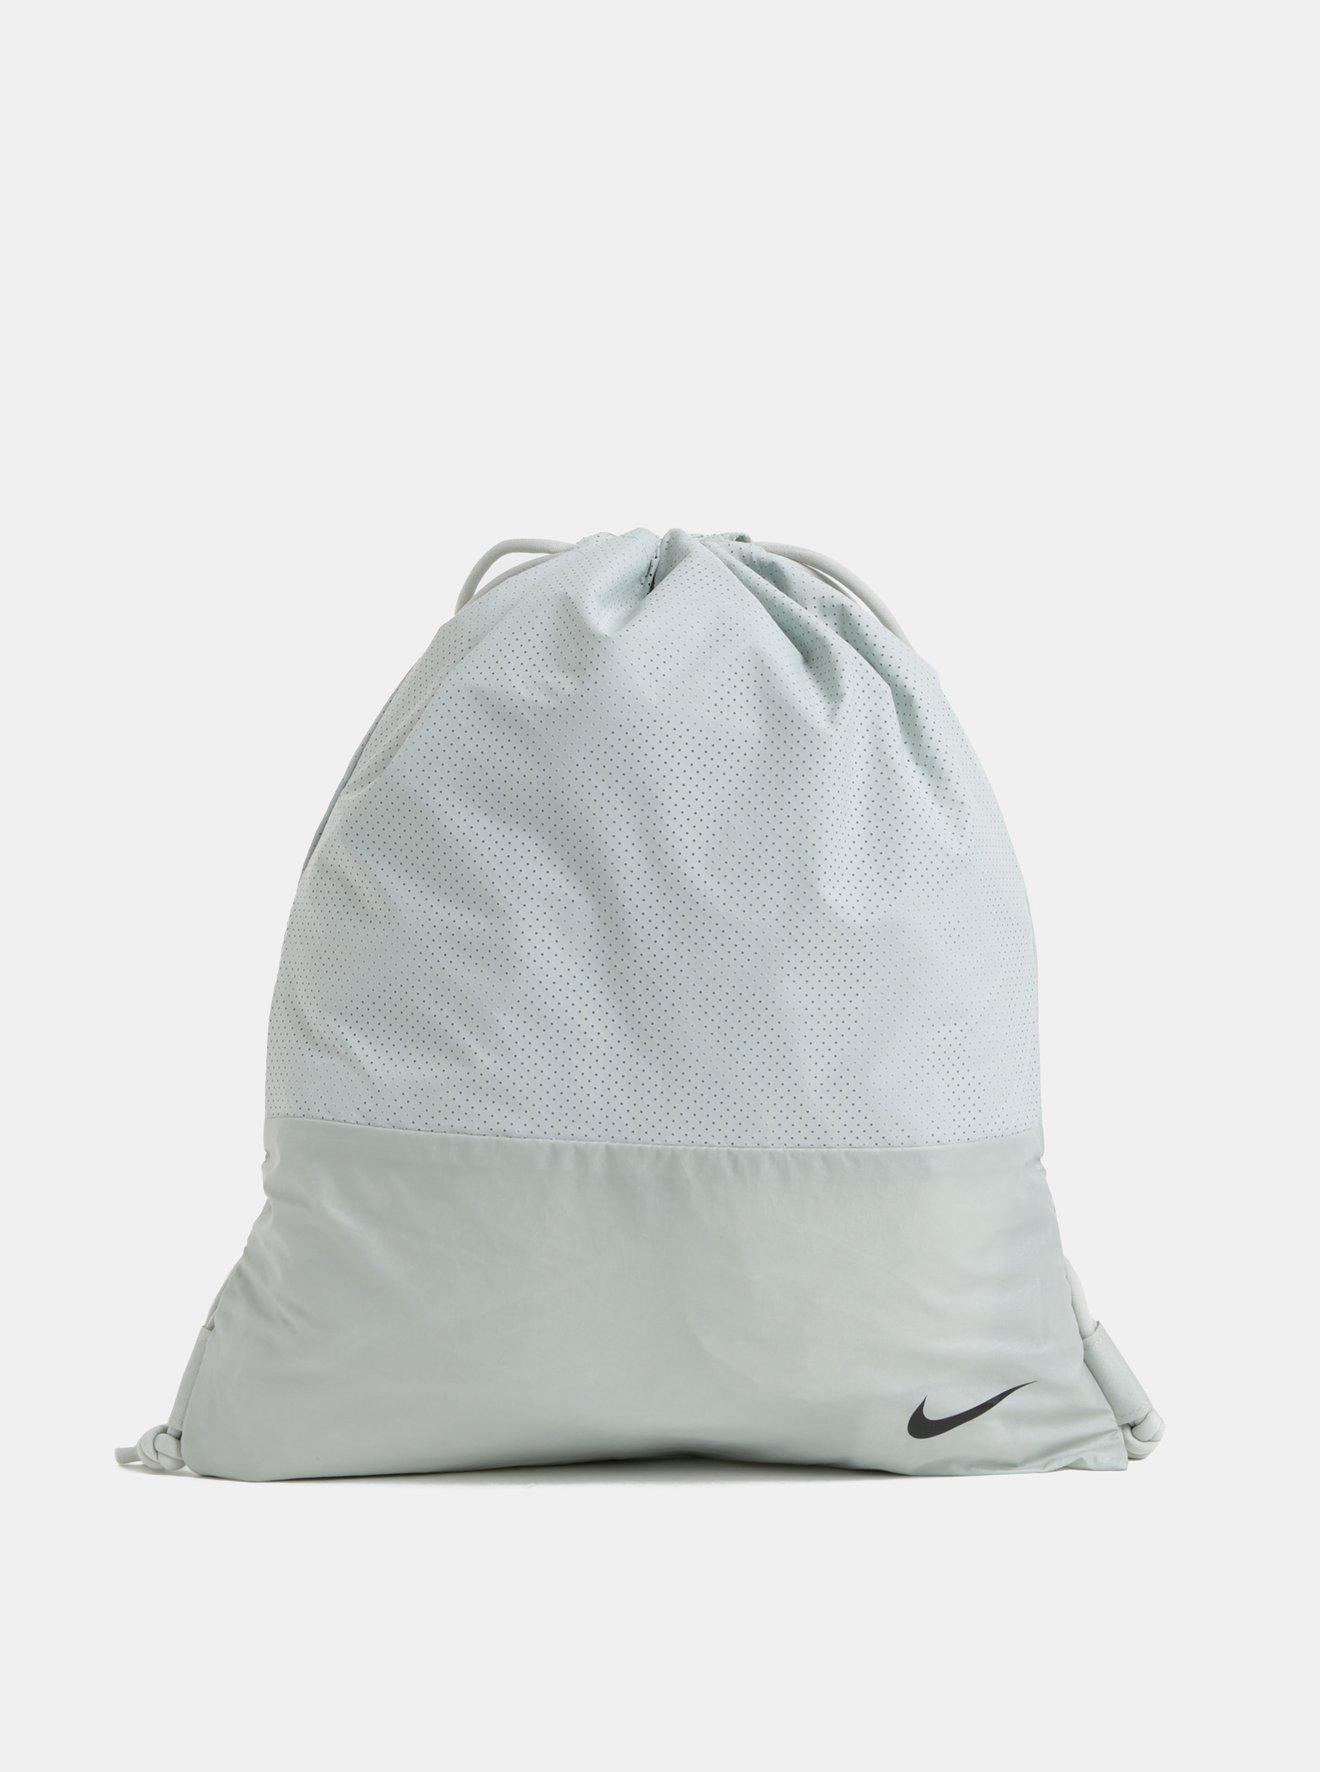 Mentolový dámský vak Nike 14 l